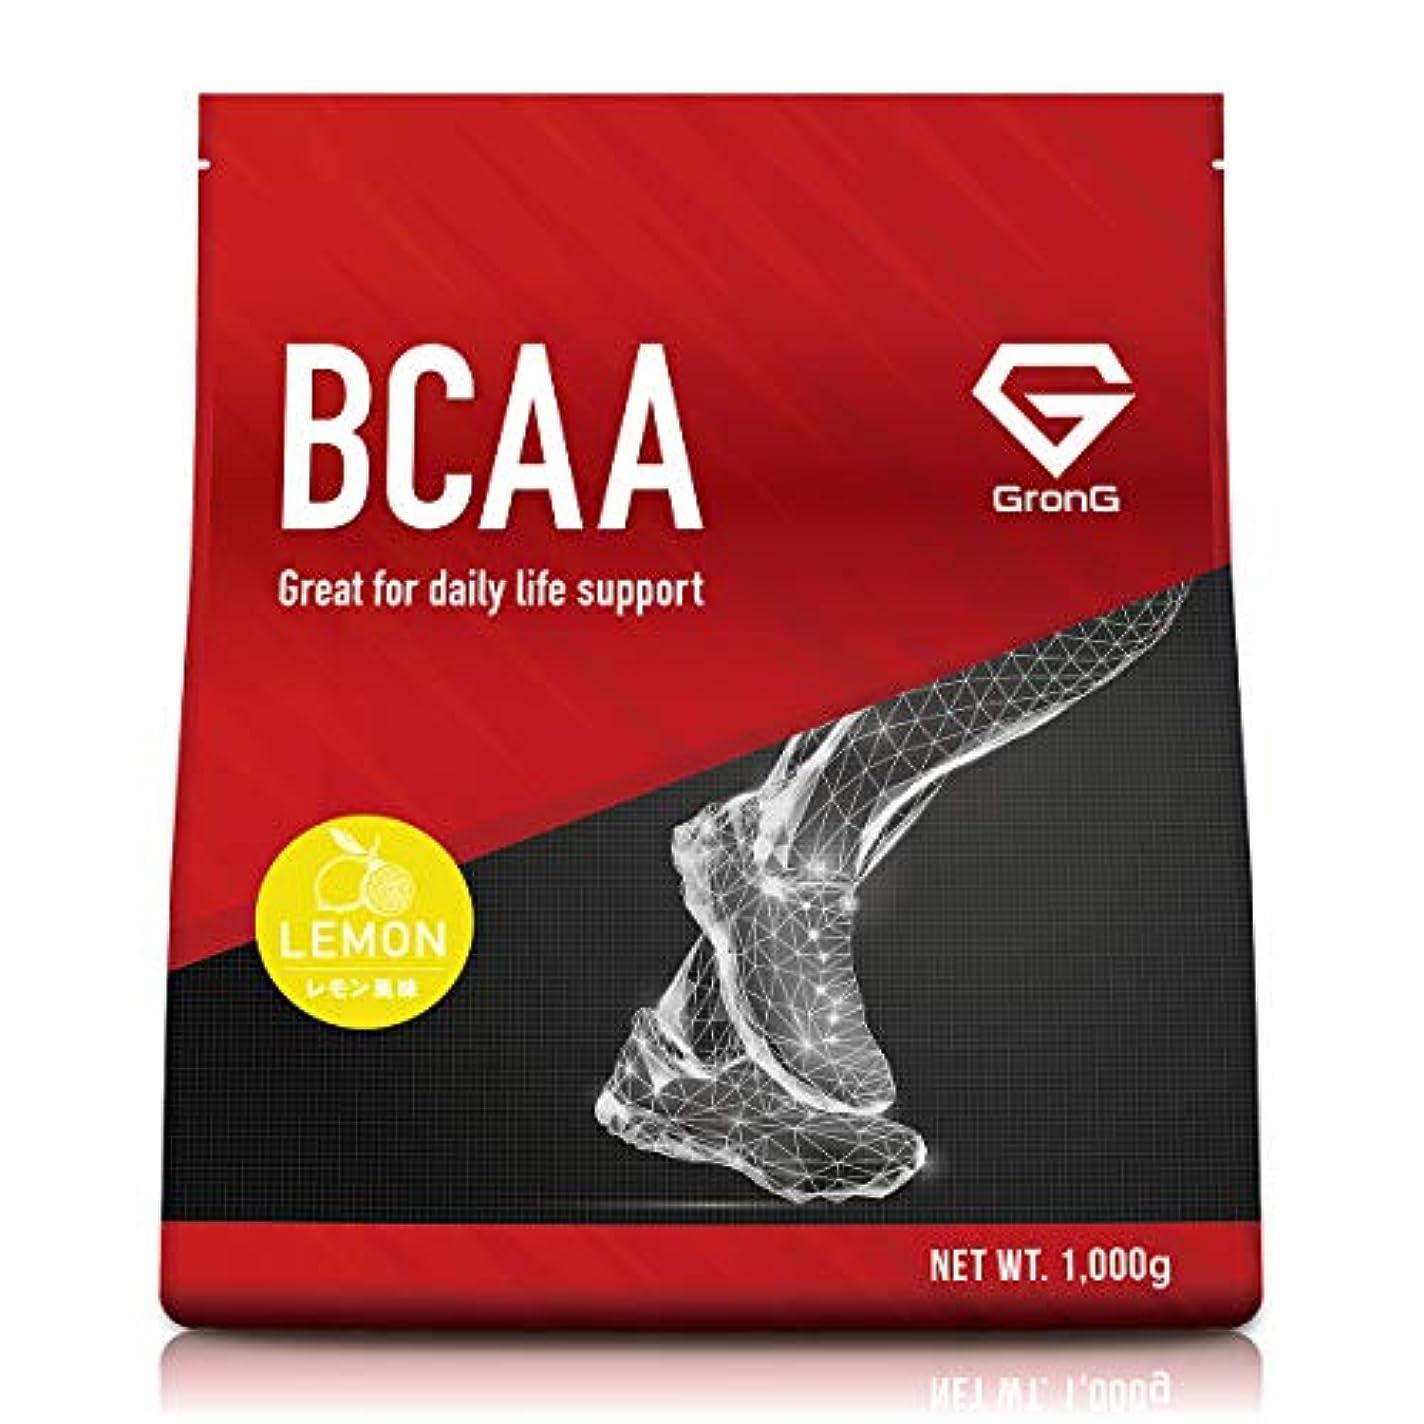 ドナウ川欺く幸運GronG(グロング) BCAA アミノ酸 レモン風味 1kg (100食分) 含有率82% 国産